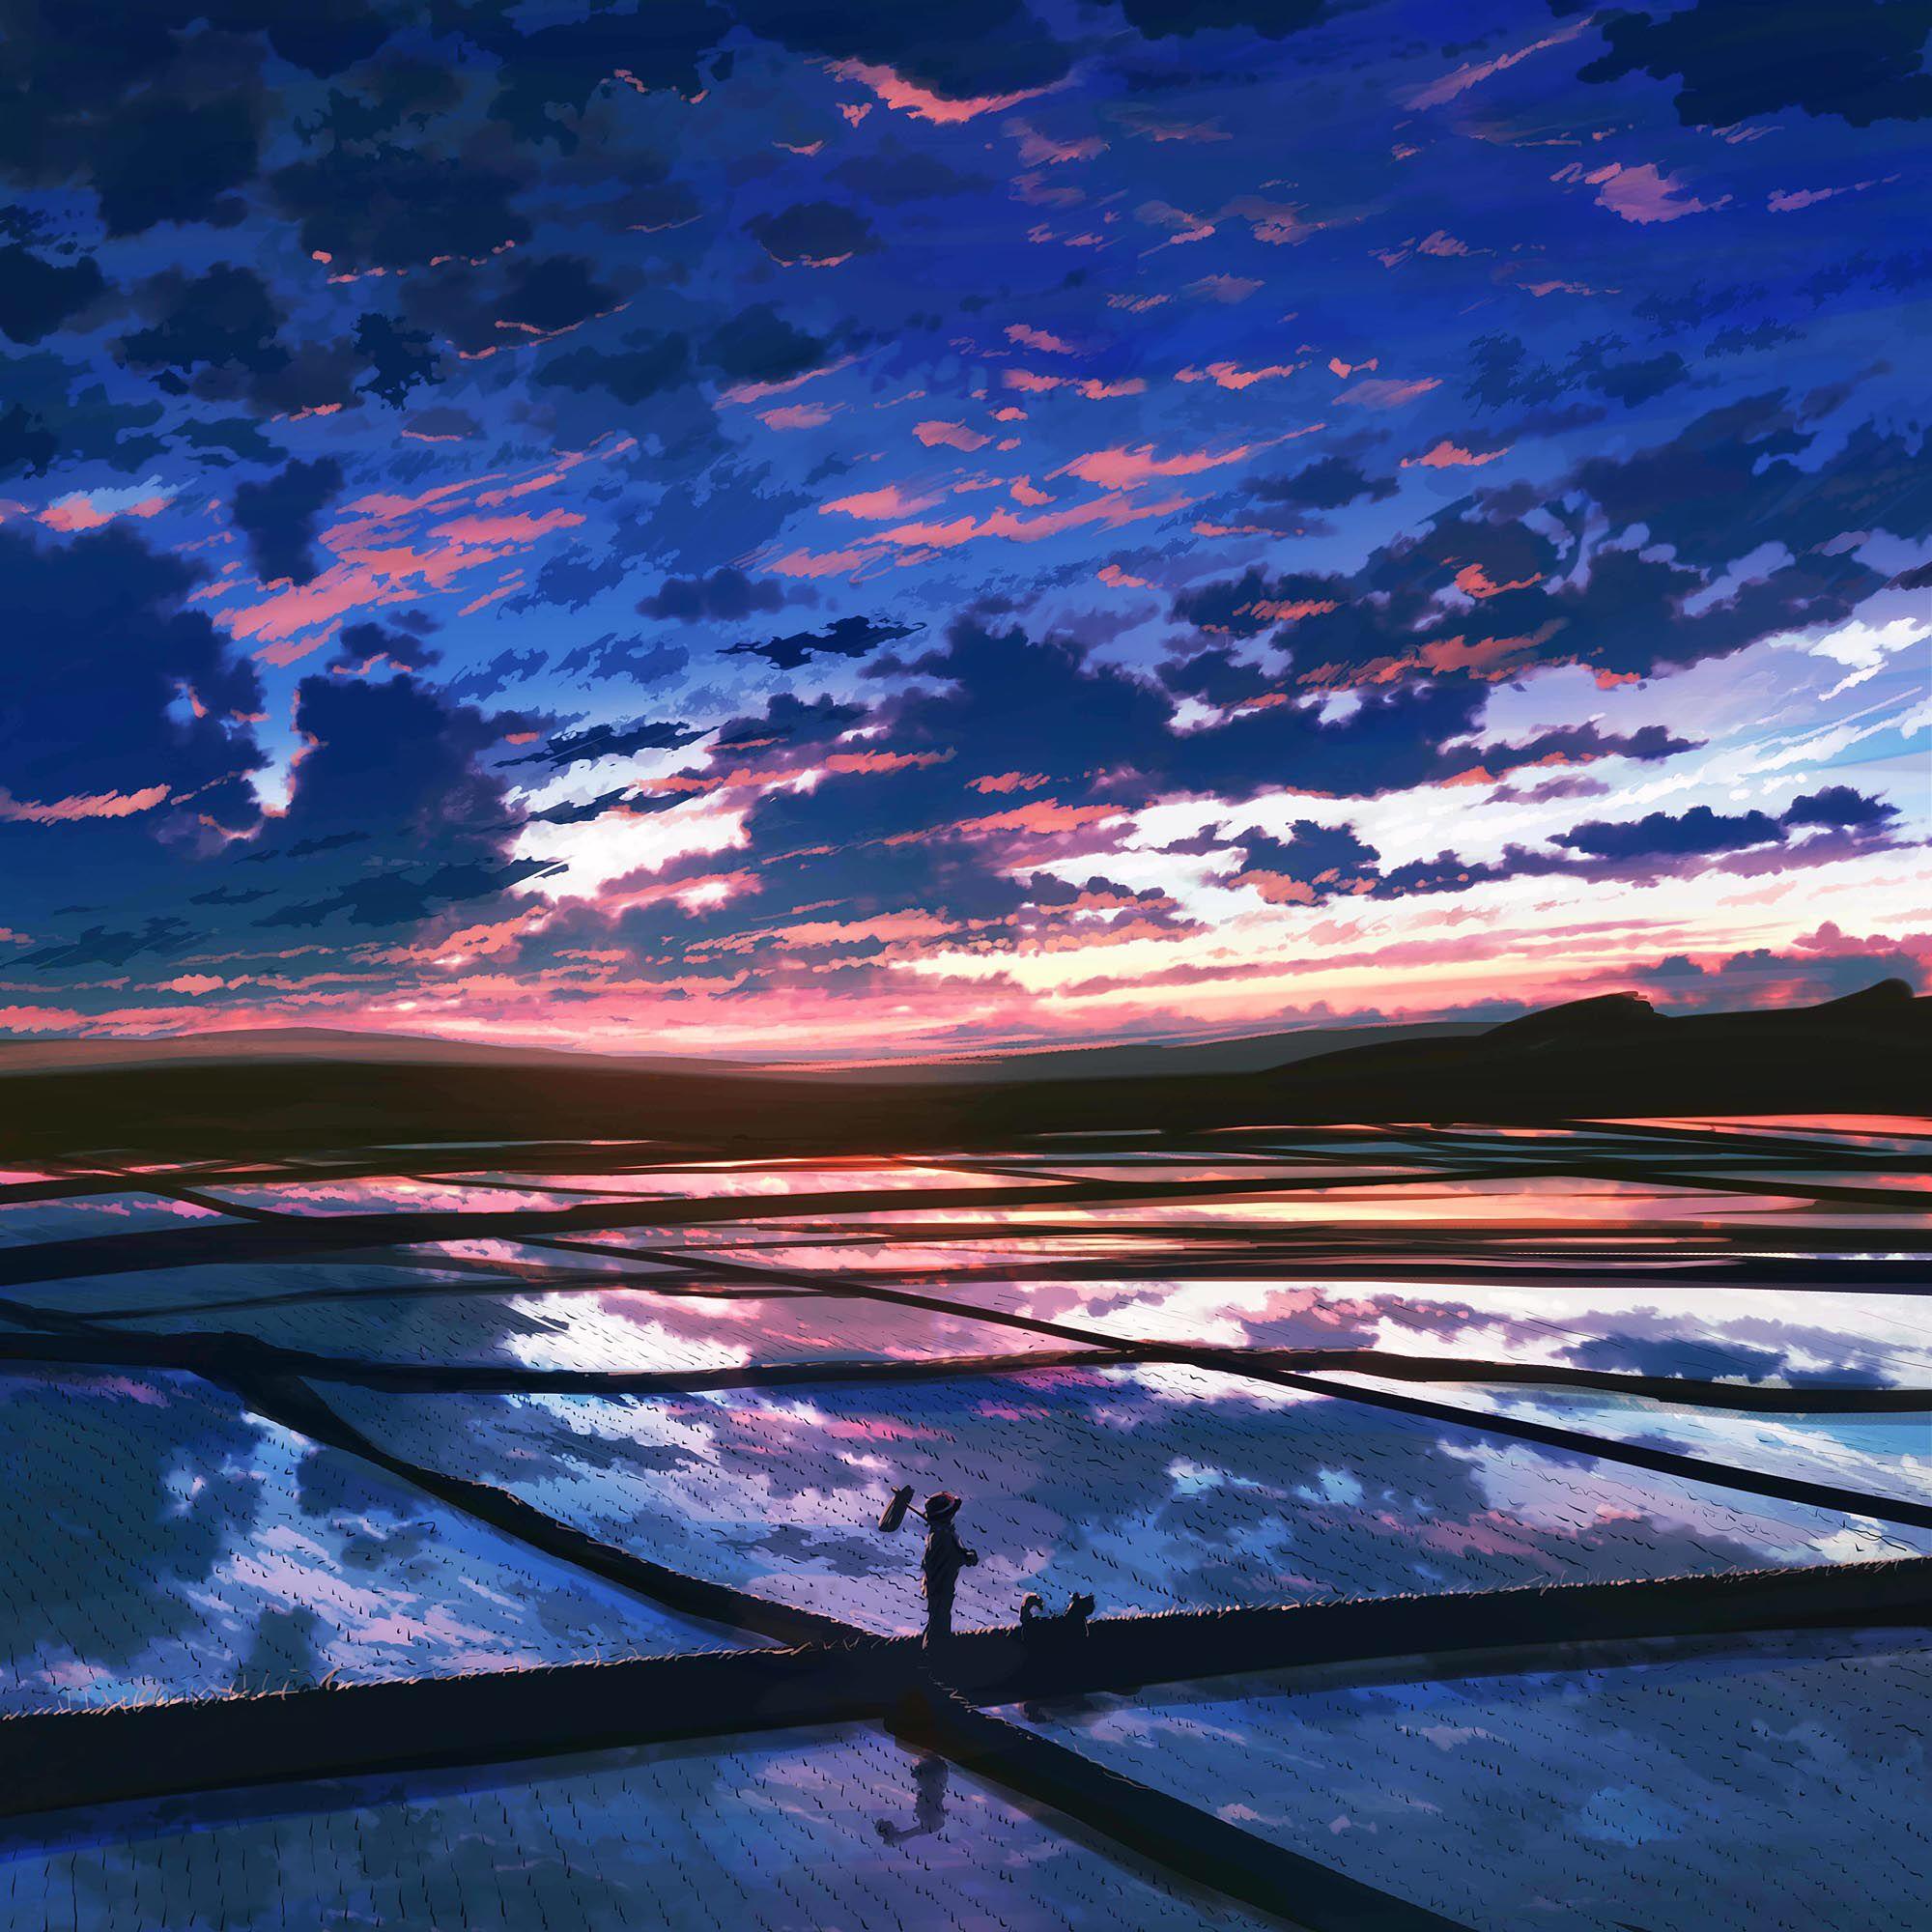 108 Artist ランドスケープアート ノスタルジック 画像